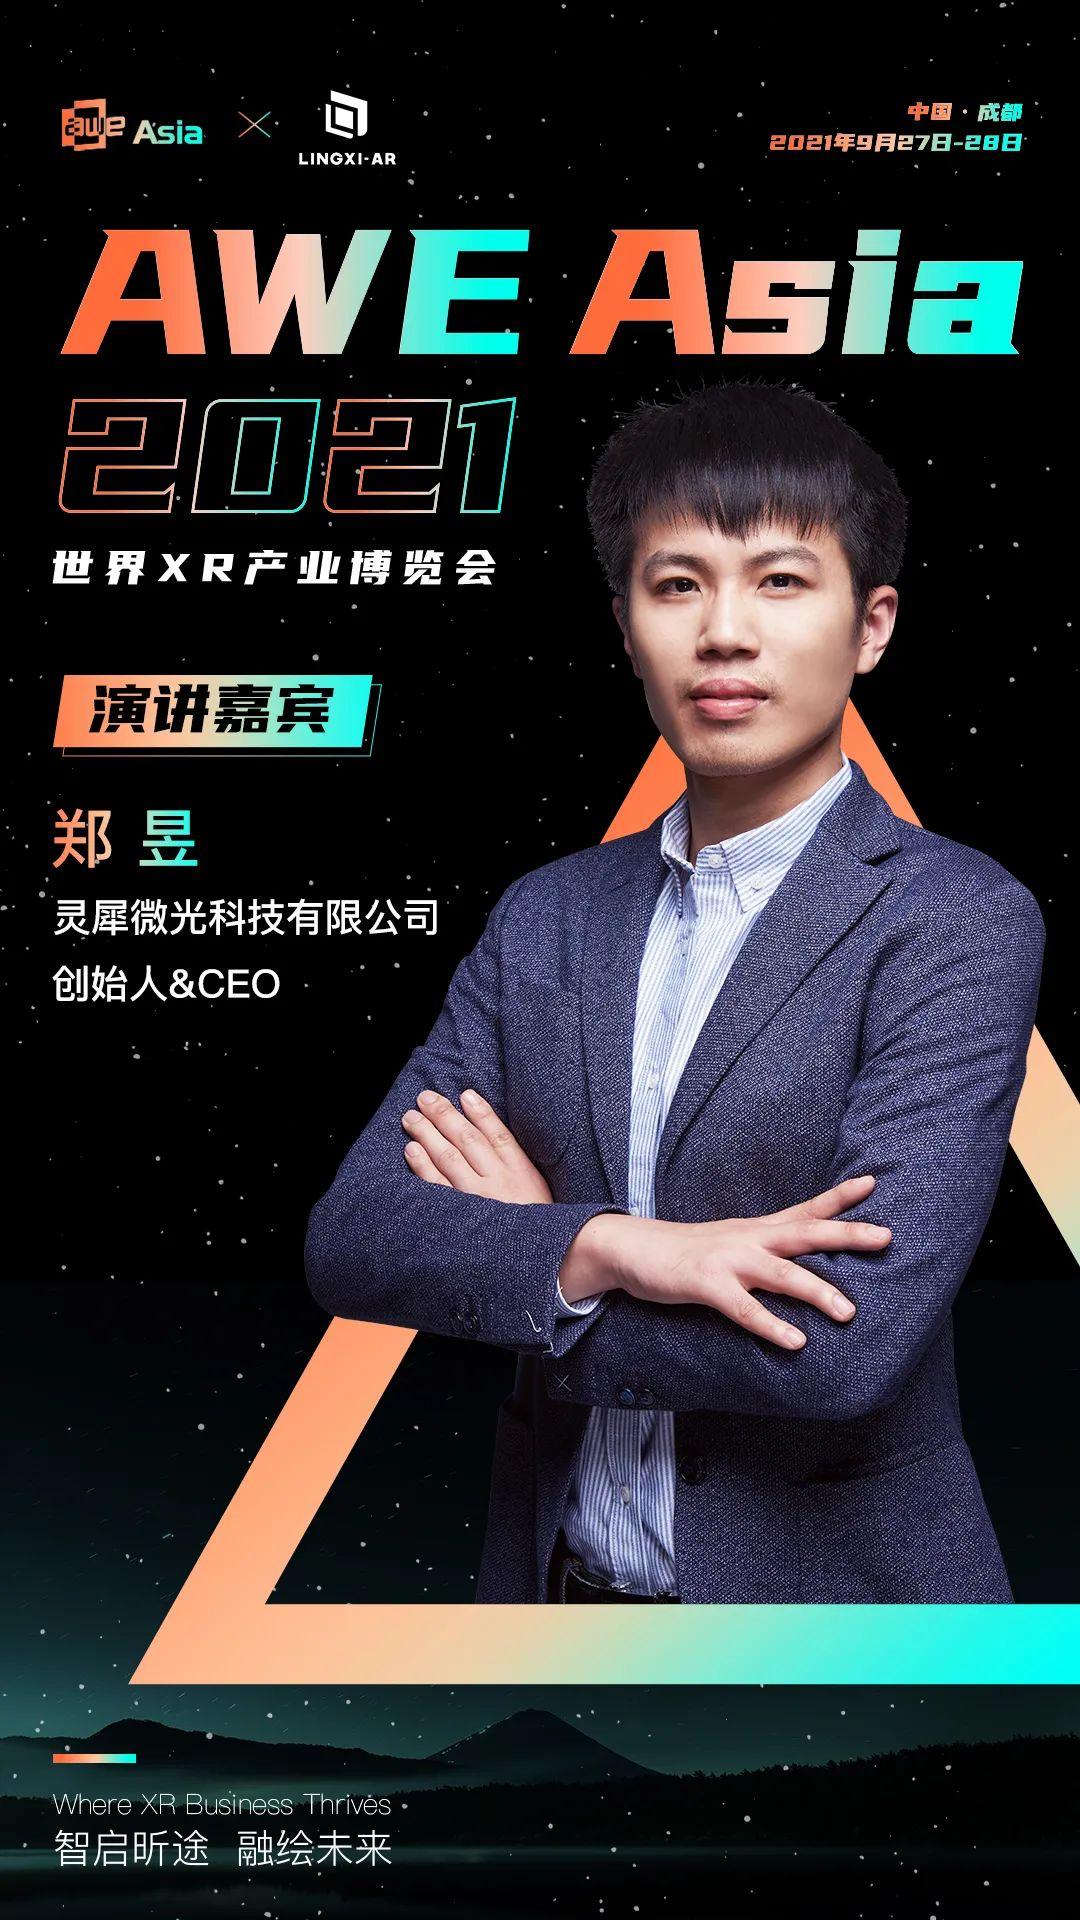 灵犀微光科技、艾迈斯欧司朗、广州虹科电子、螳螂慧视科技和Planet O确认出席AWE Asia 2021